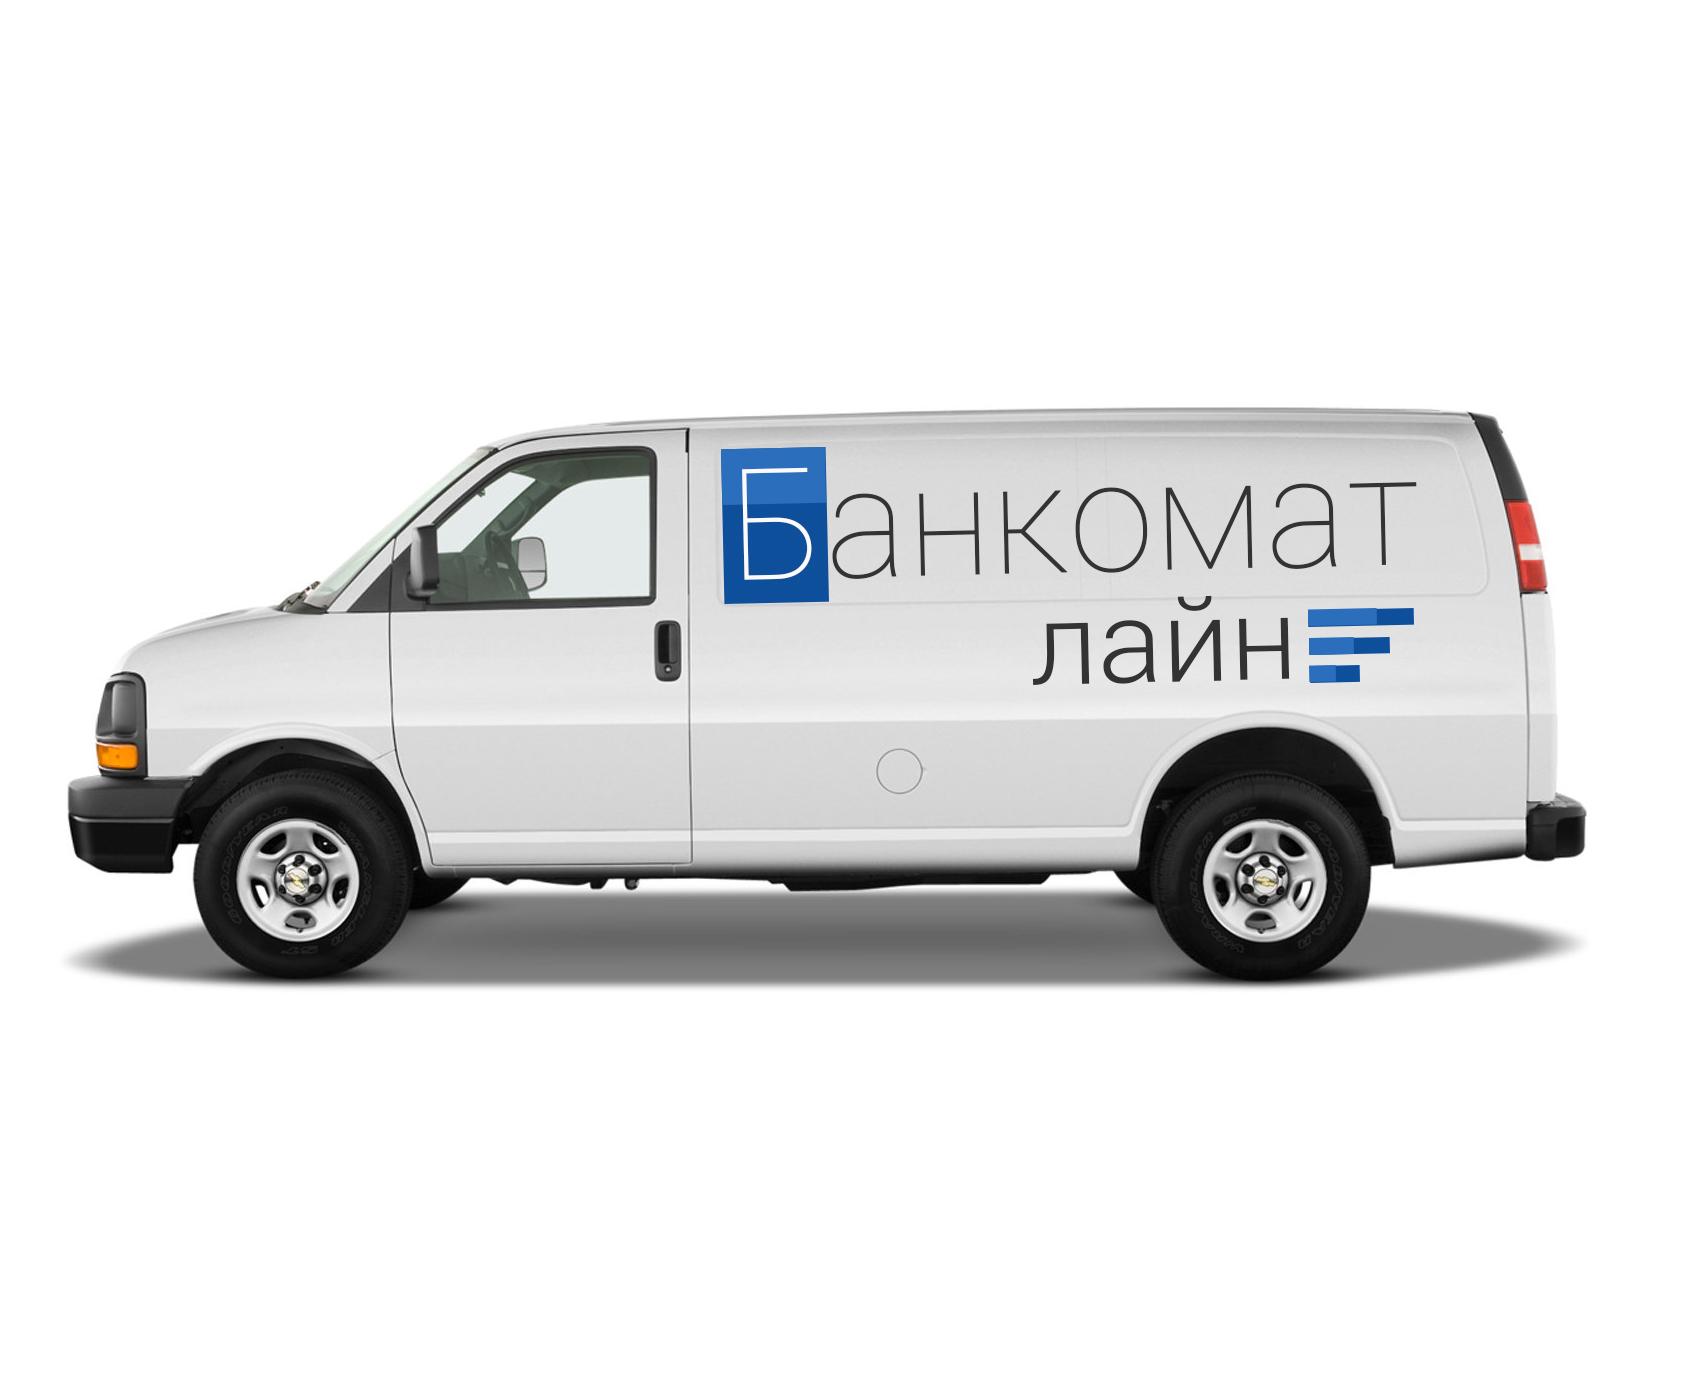 Разработка логотипа и слогана для транспортной компании фото f_358587e433fe4b41.jpg